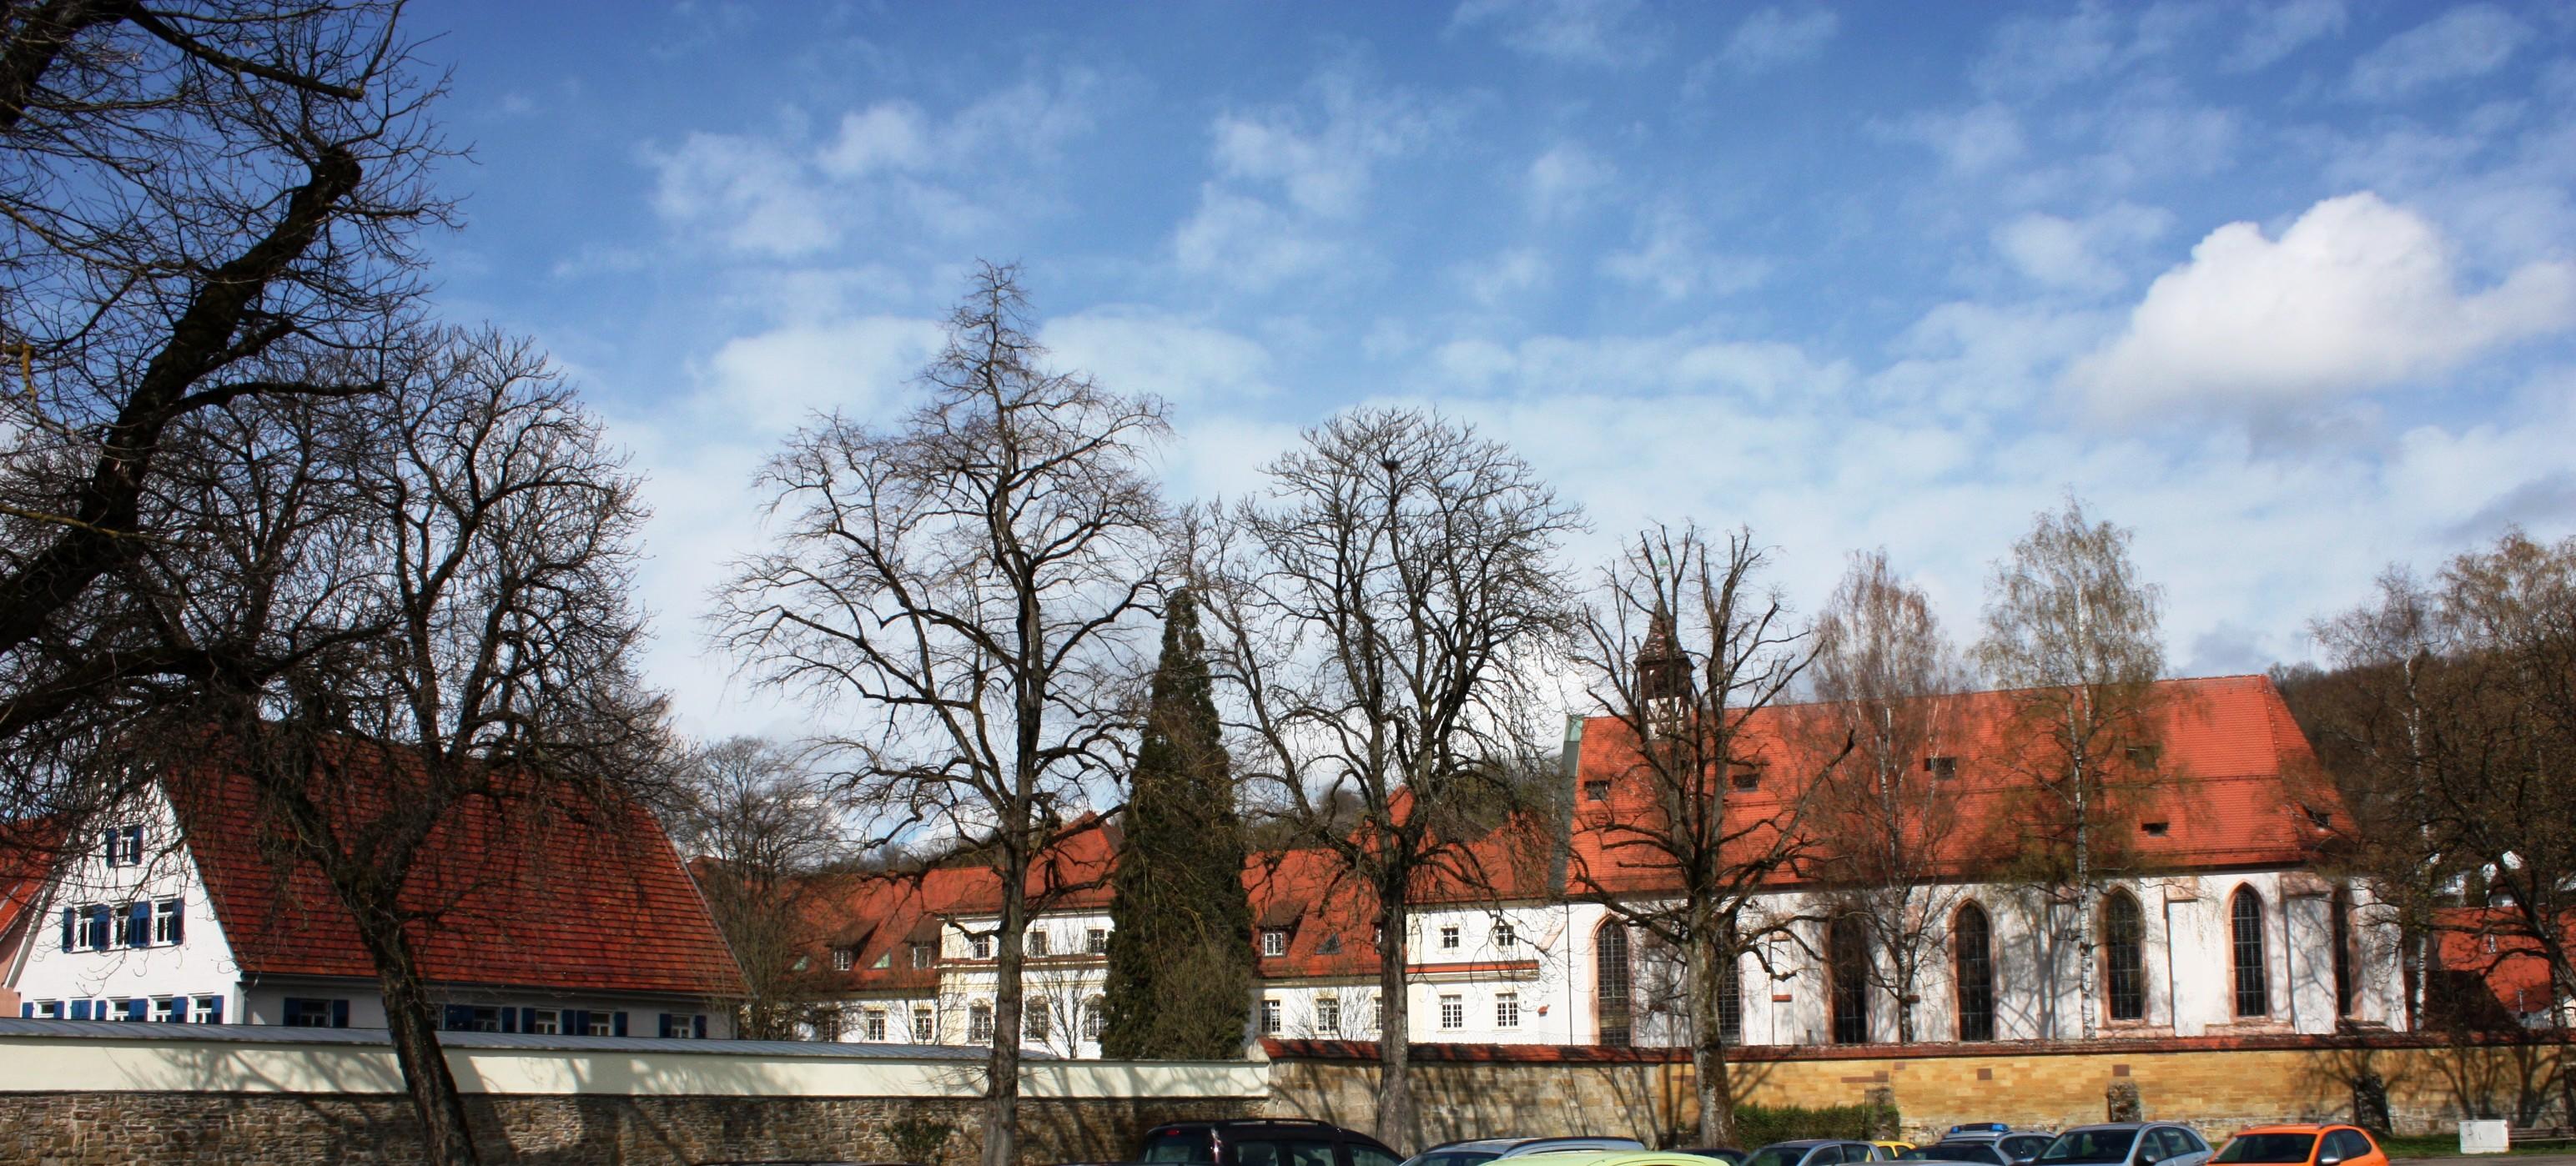 KlosterGotteszellGmünd.JPG